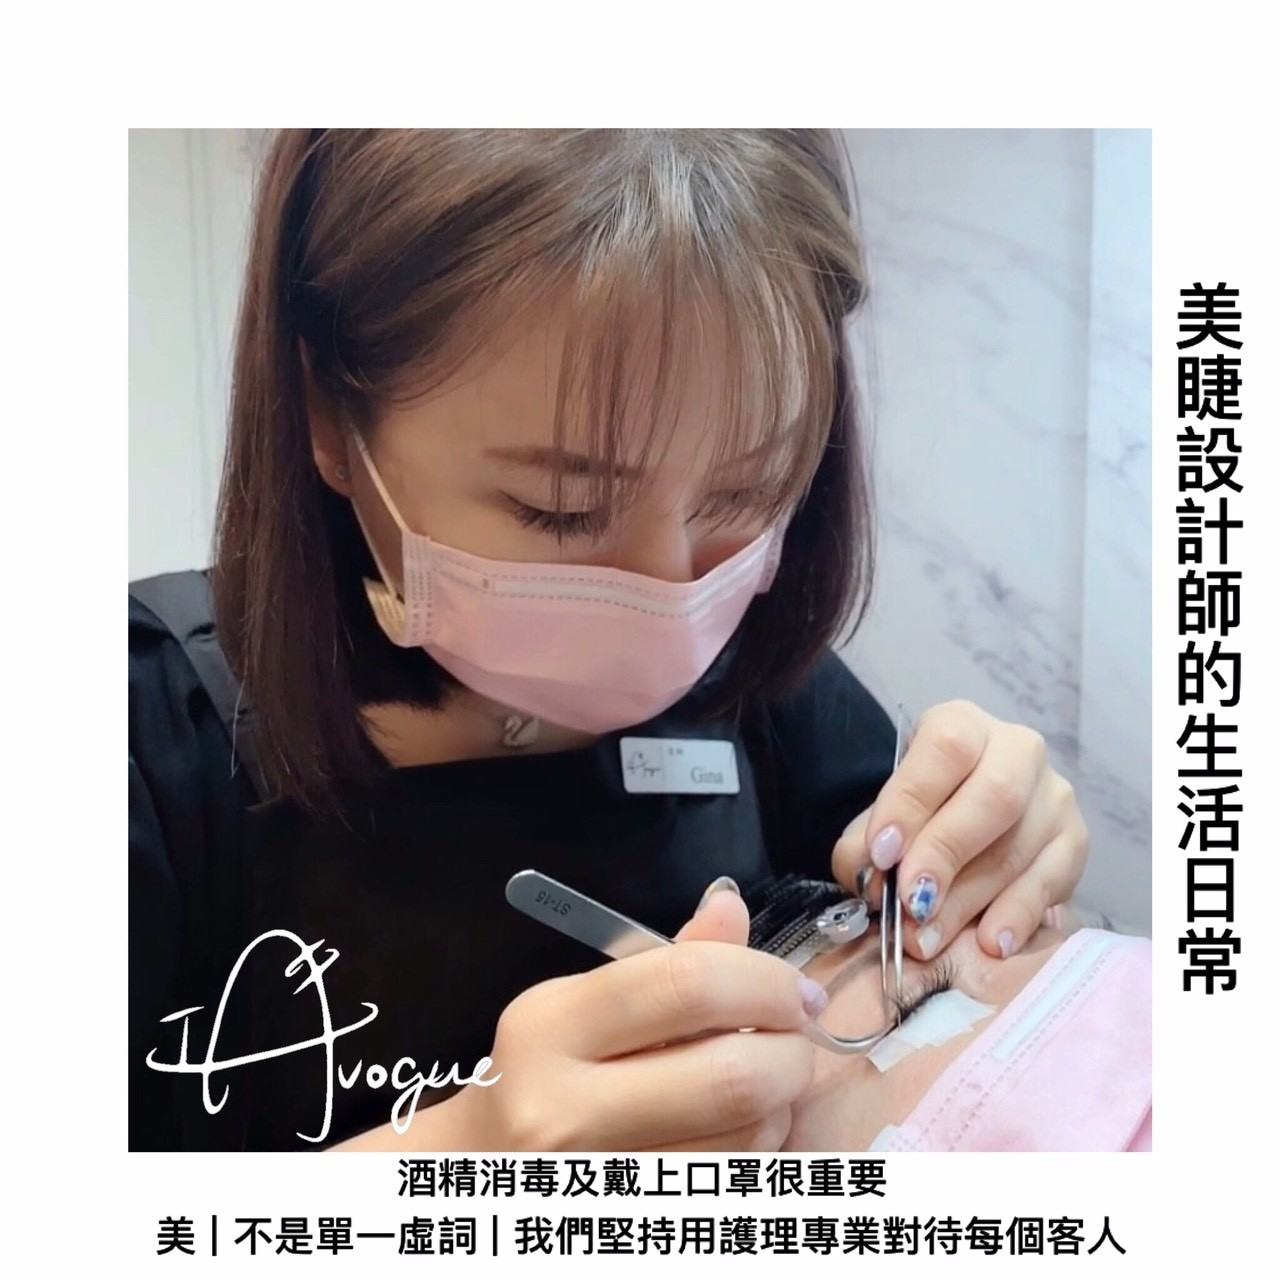 女神設計款美睫-嫁接睫毛做好衛生防護避免武漢肺炎2|IA專業美睫設計